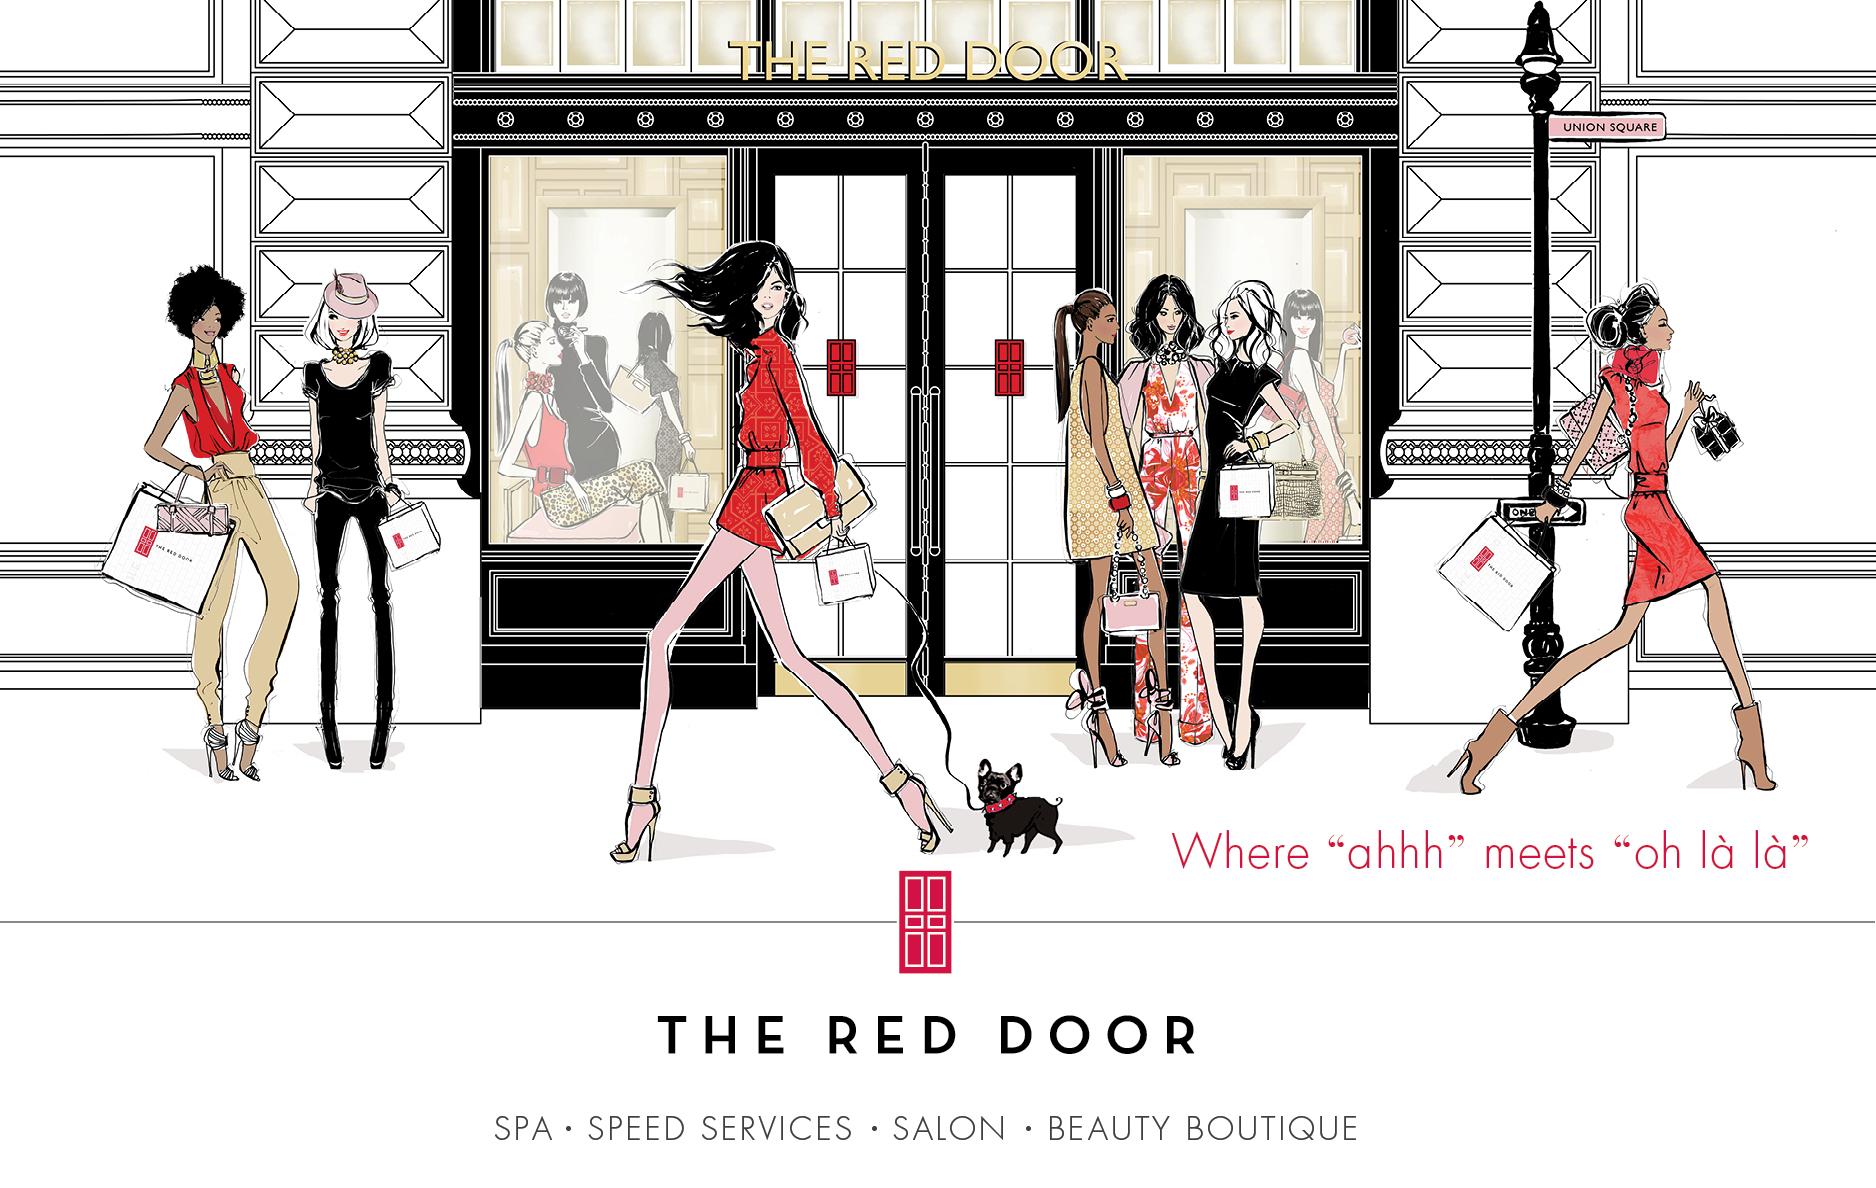 ARDEN_RED DOOR SPA1.jpg